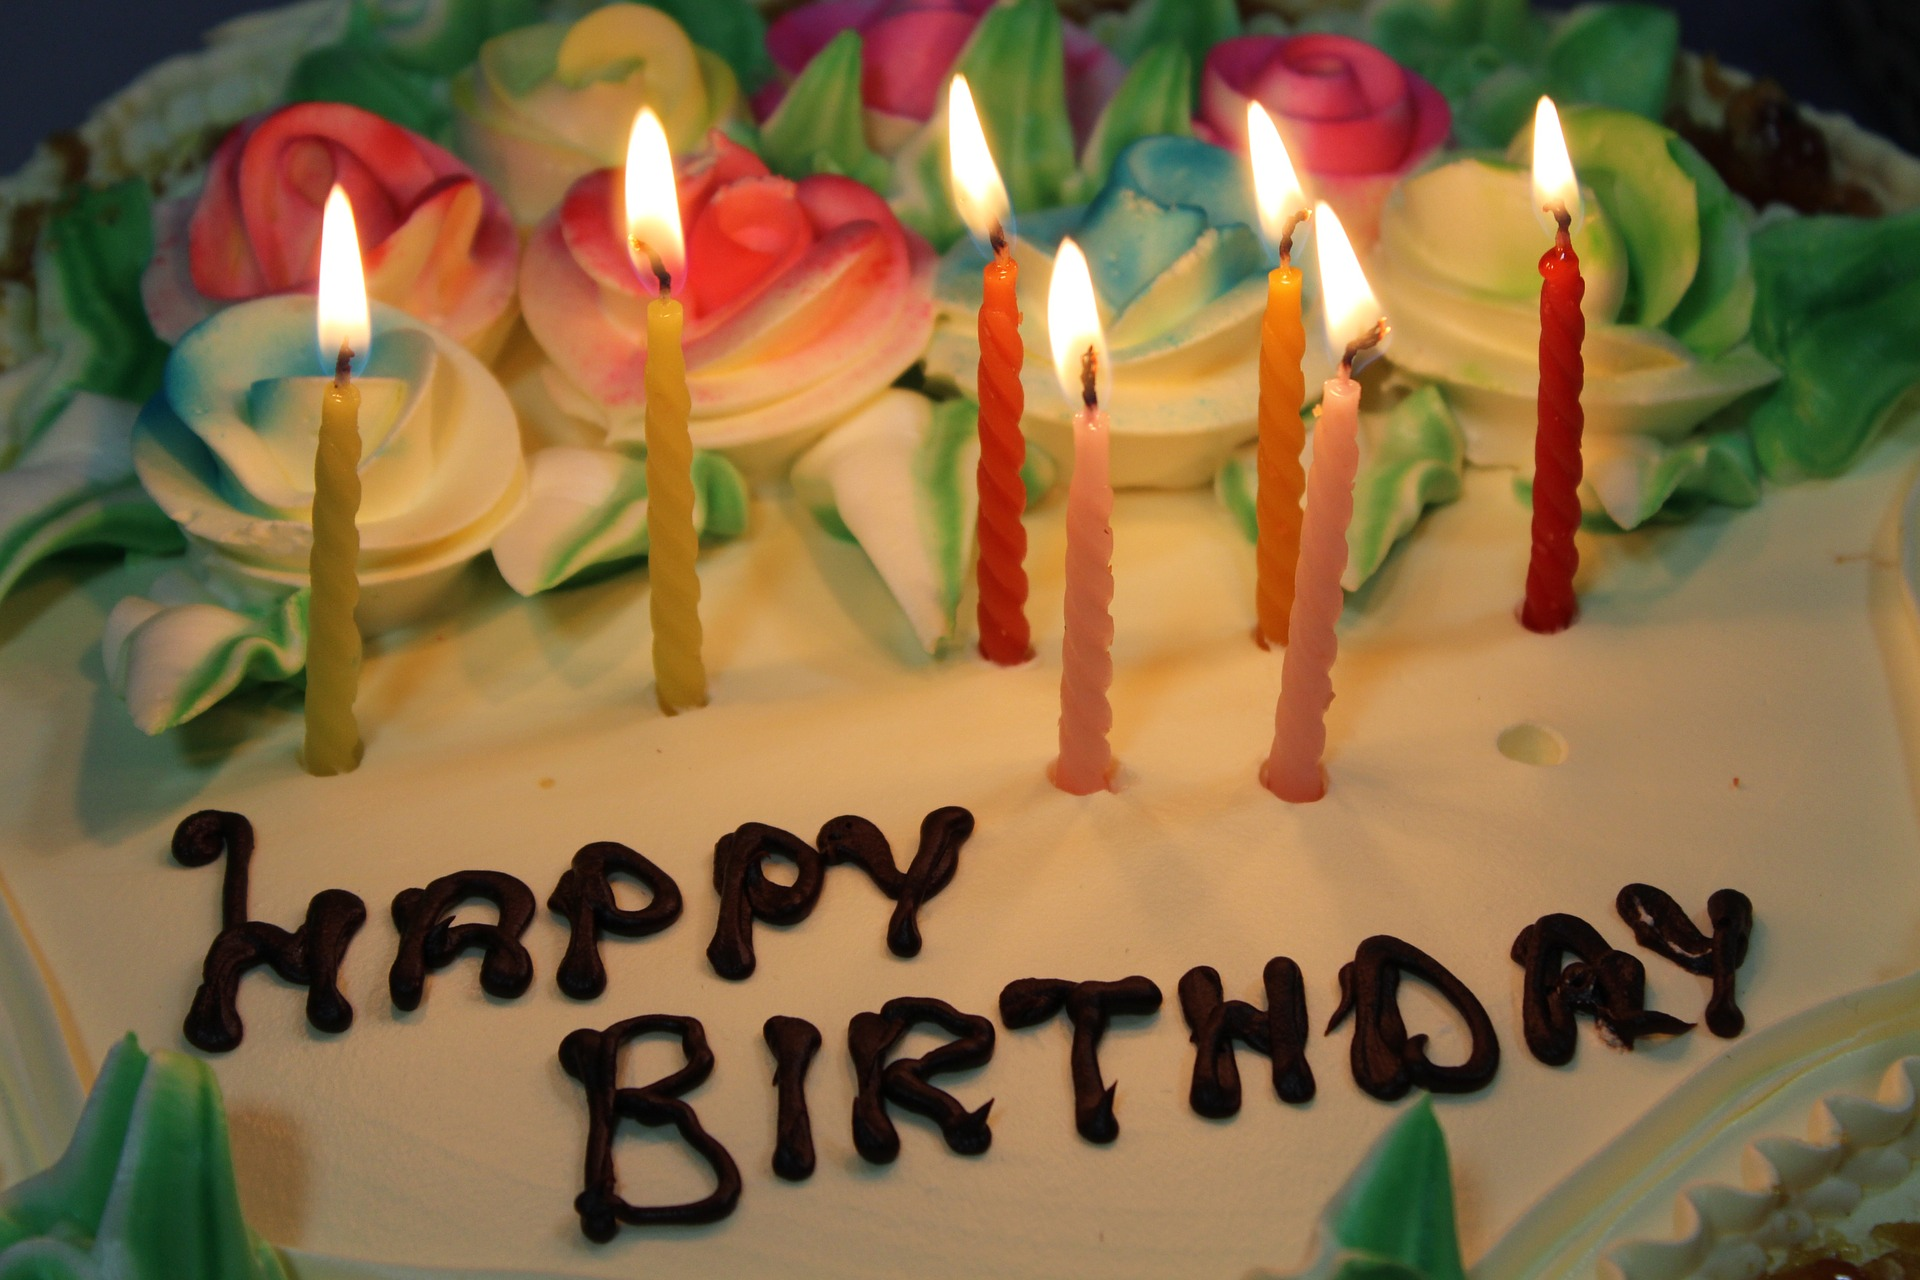 Creative And Funny Ways To Say Happy Birthday